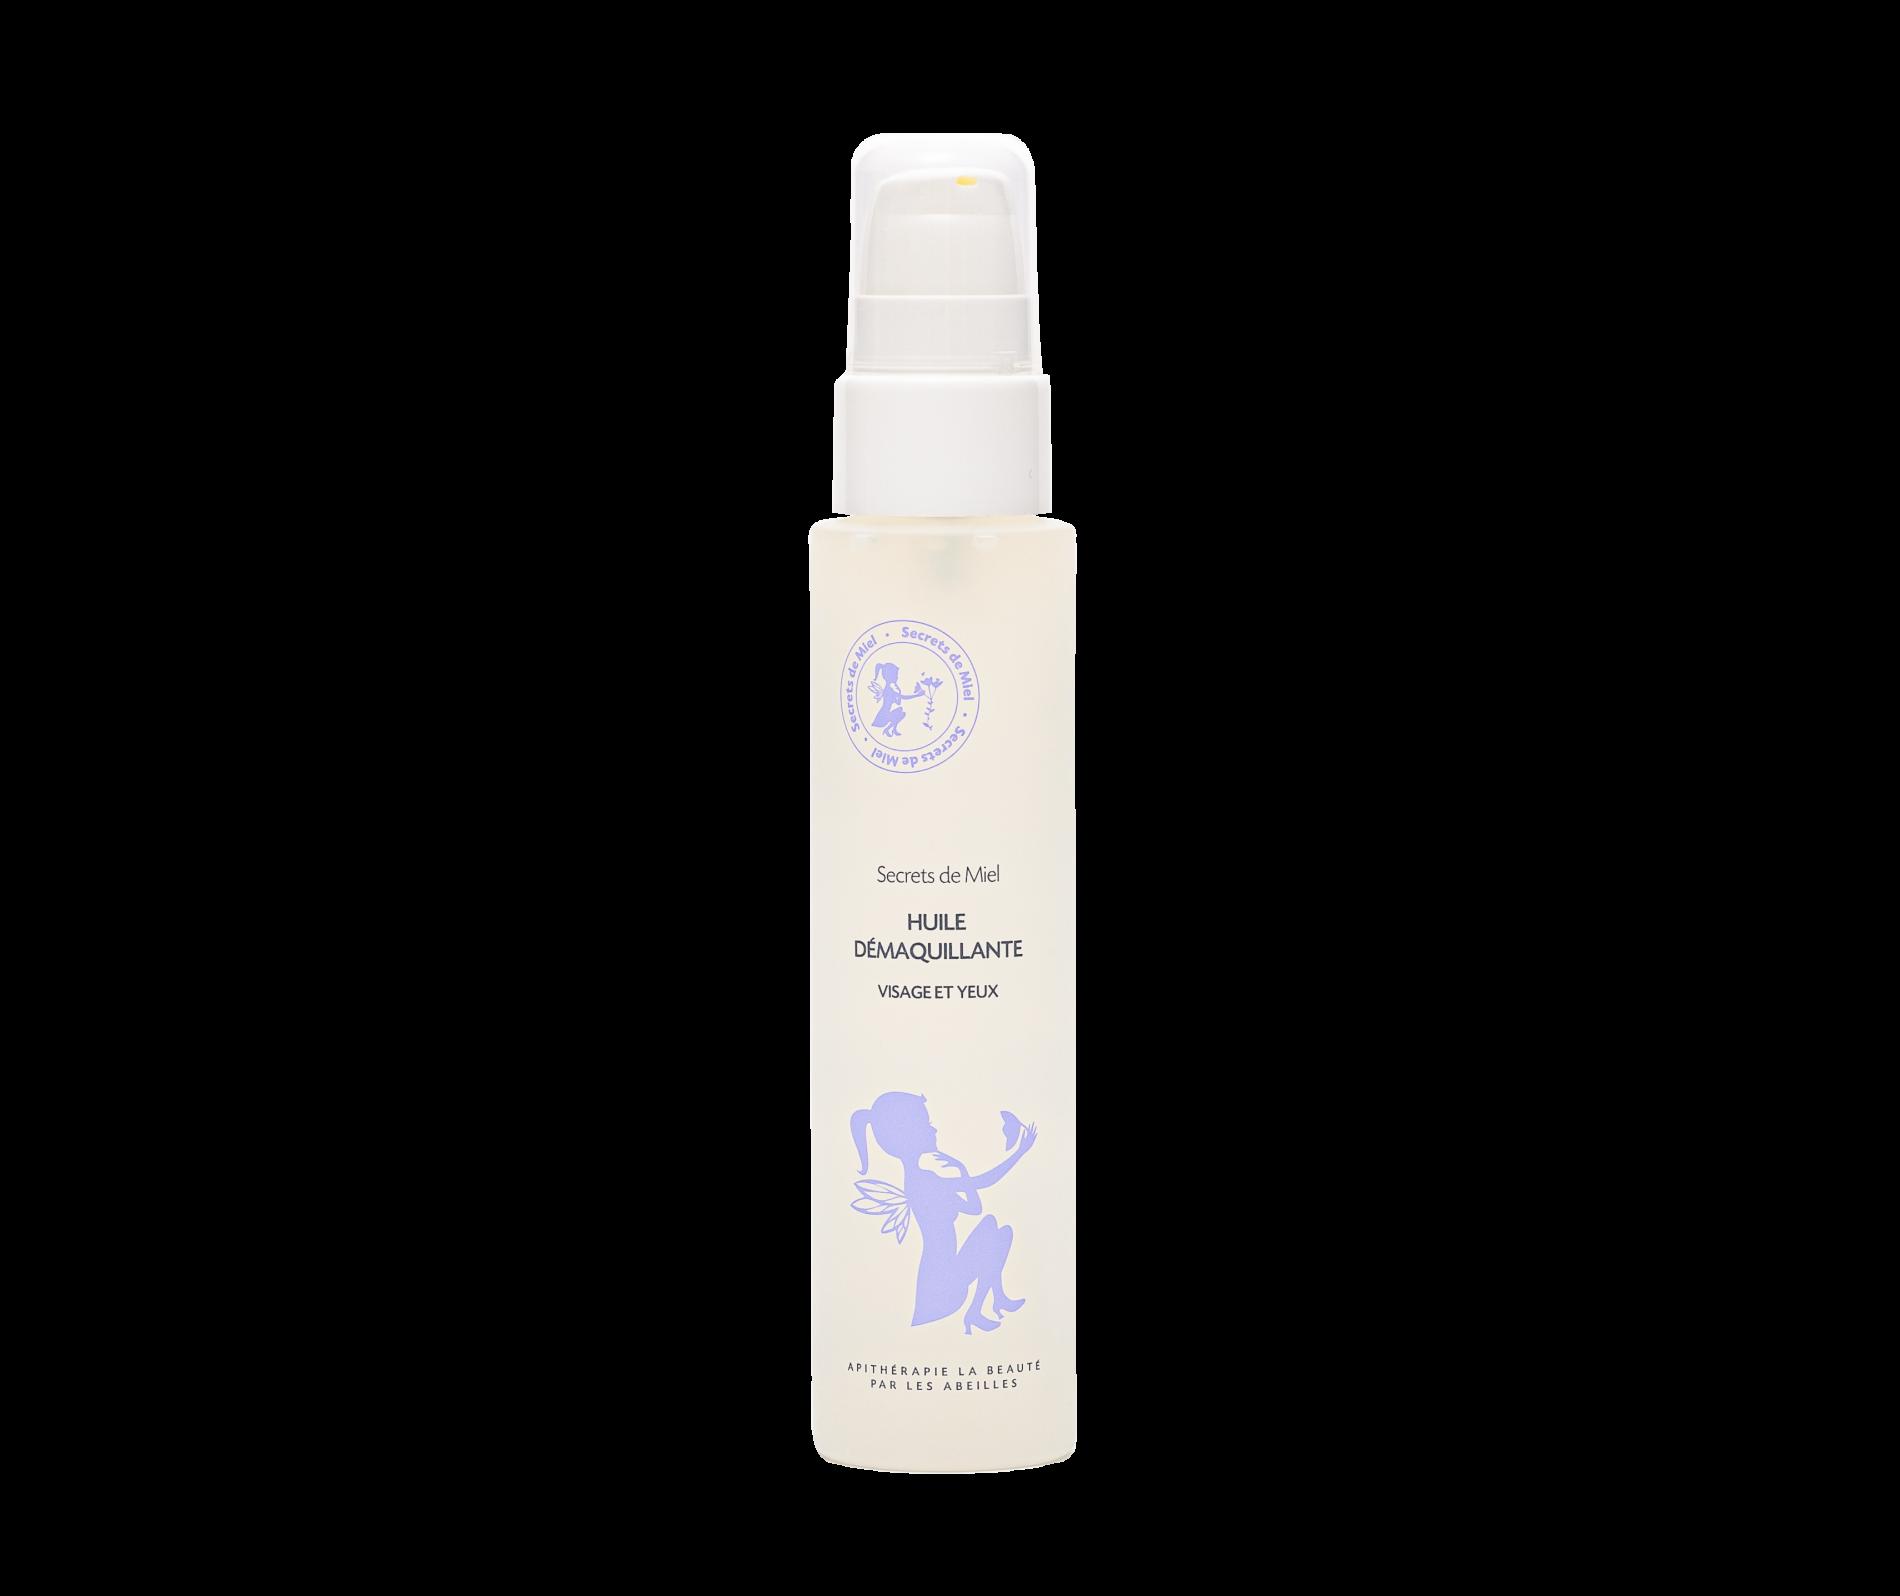 huile démaquillante visage et yeux - Secrets de Miel - produits naturels - cosmétiques naturels - made in France